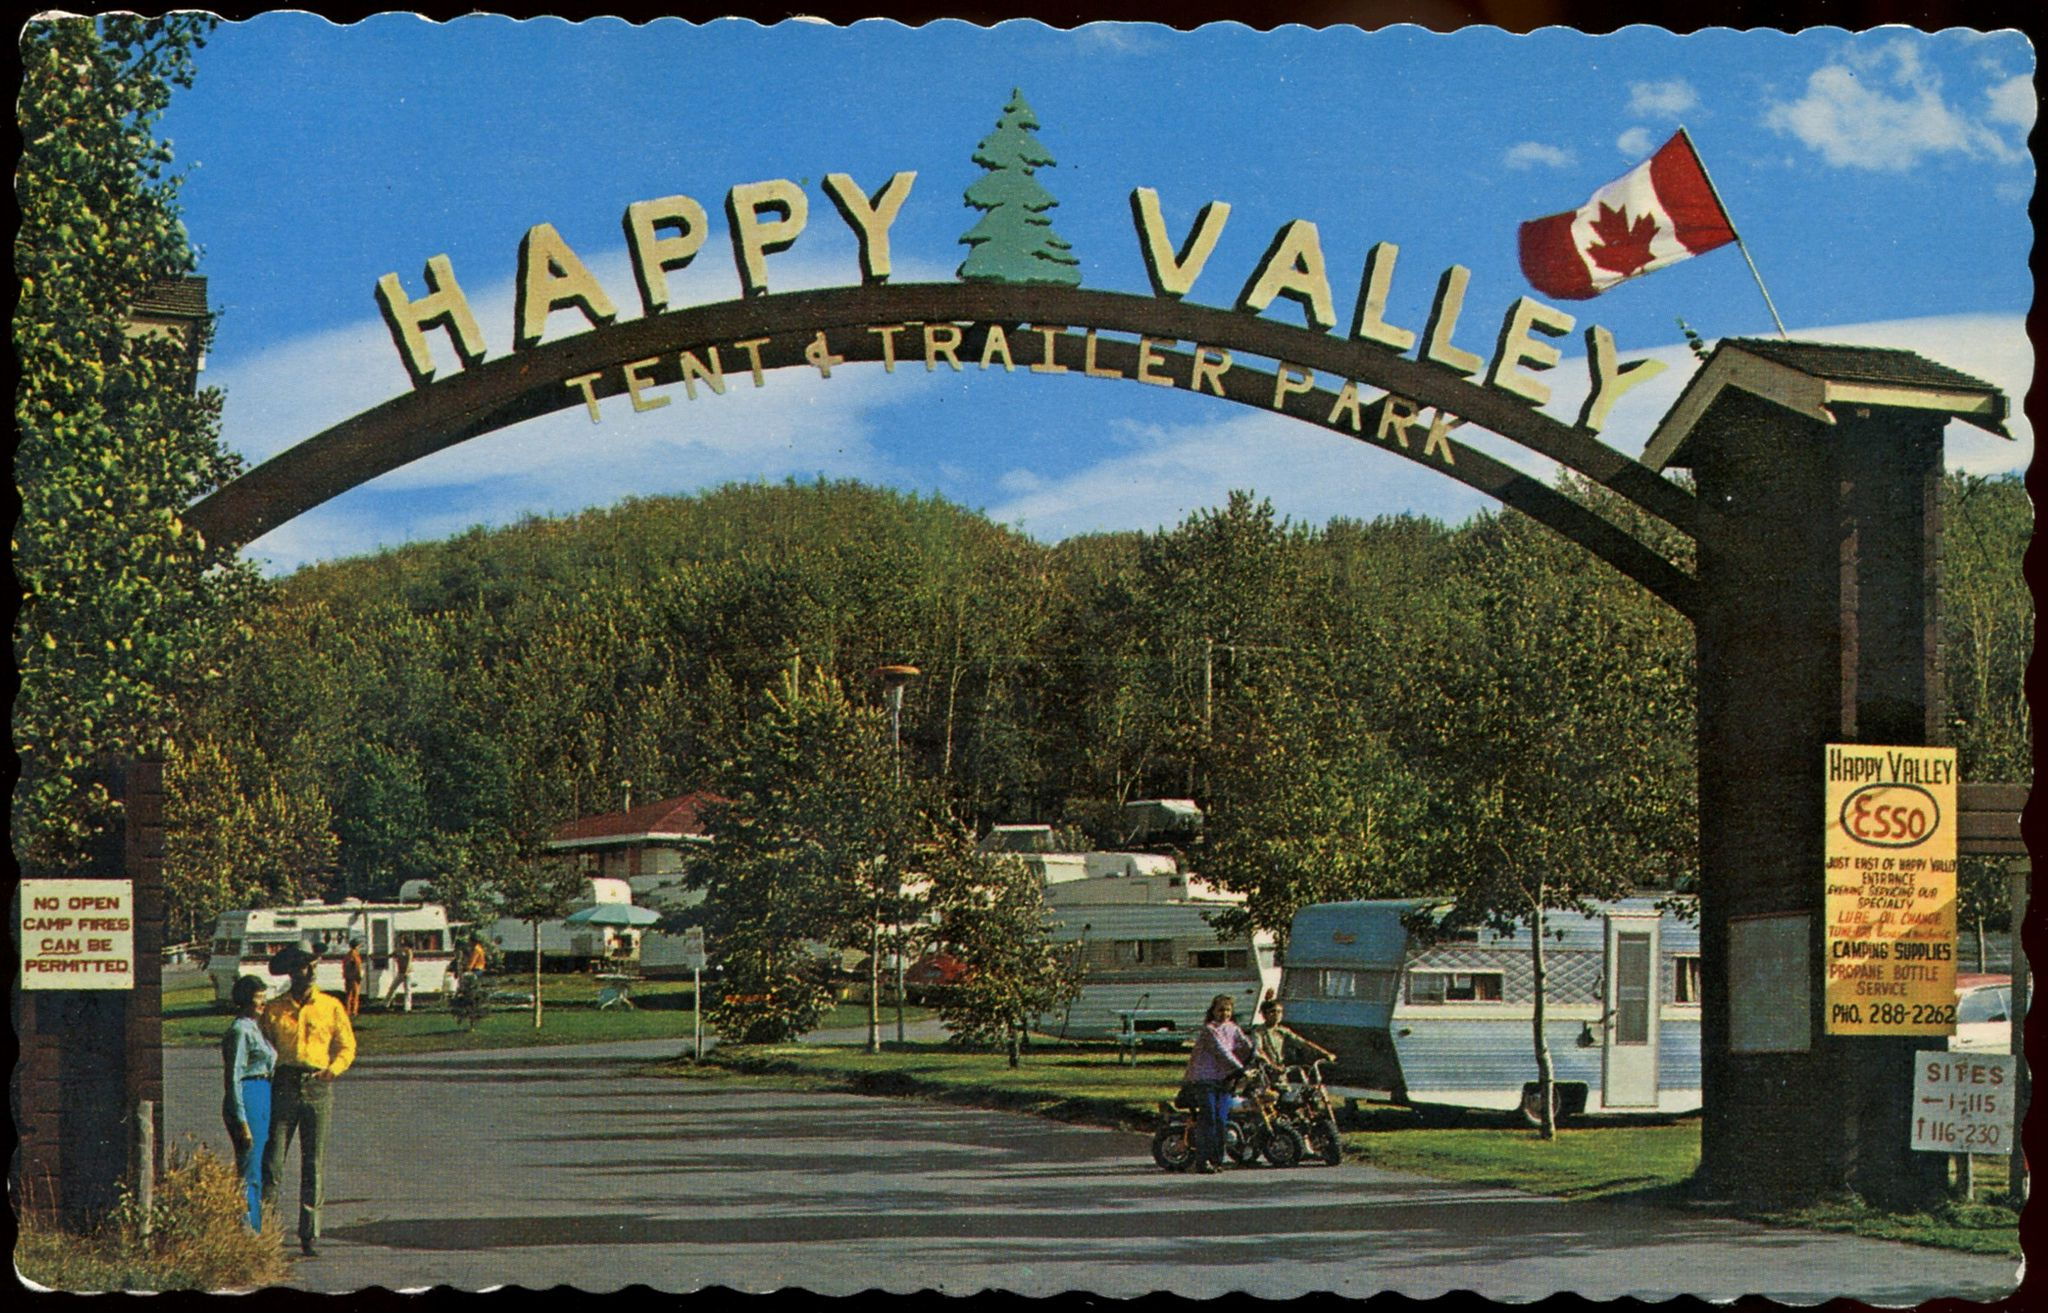 Happy Valley Calgary, AB Canada Alberta